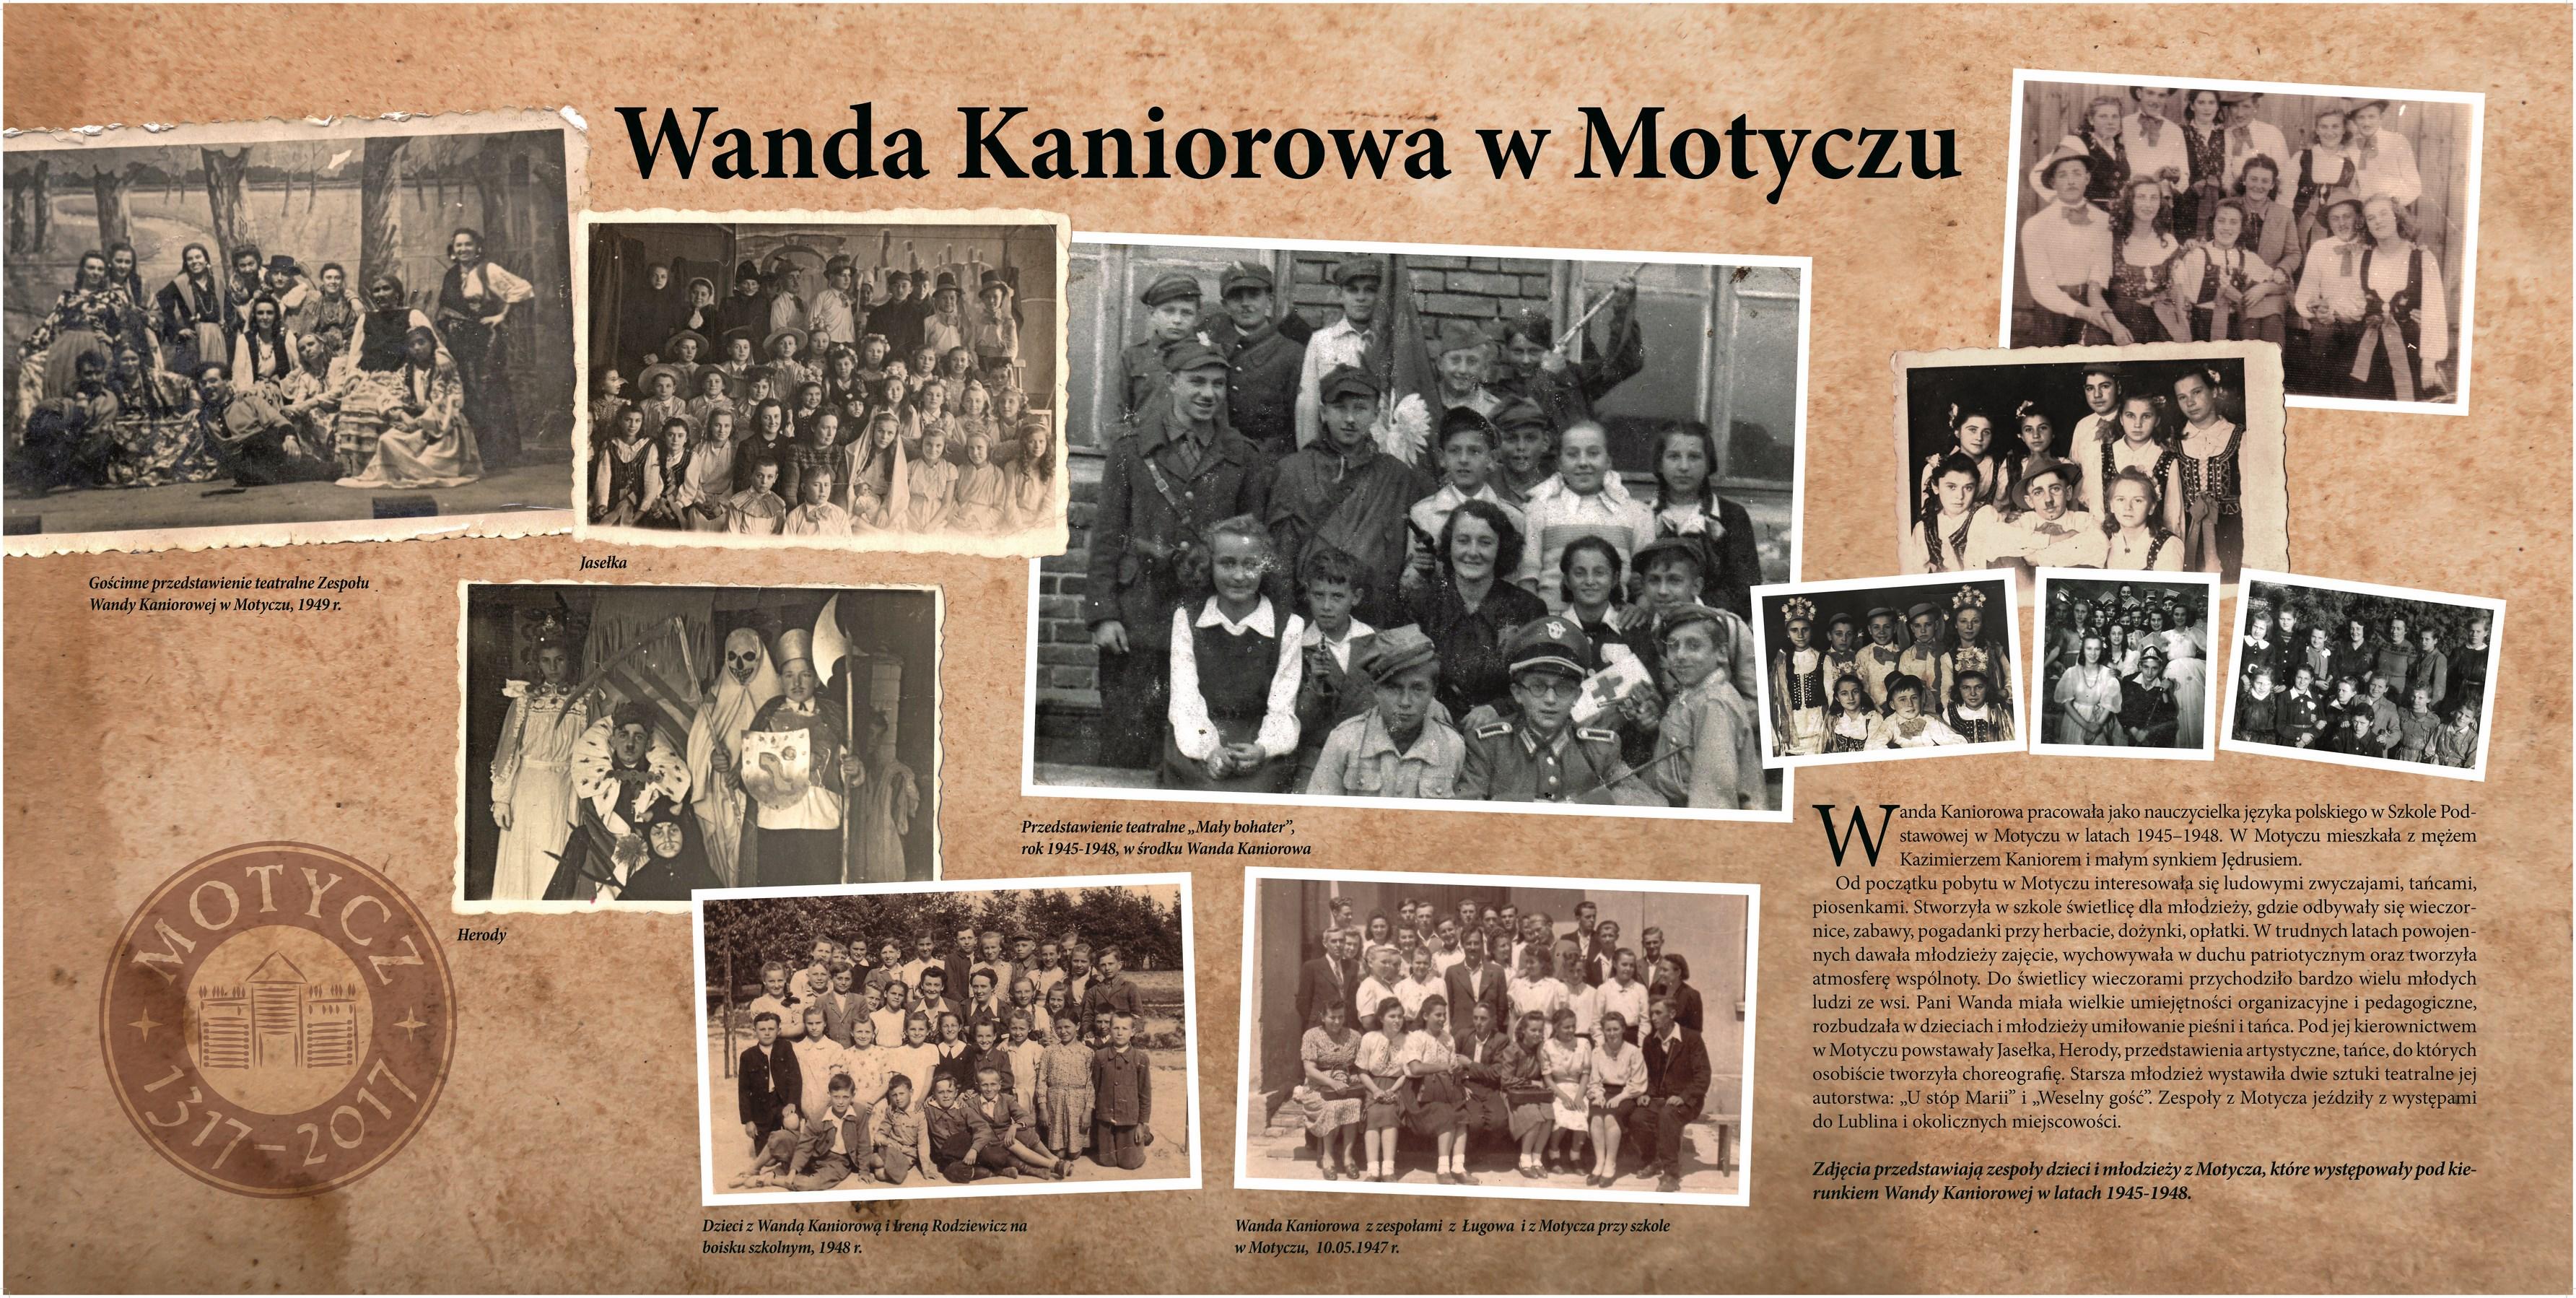 Wanda Kaniorowa